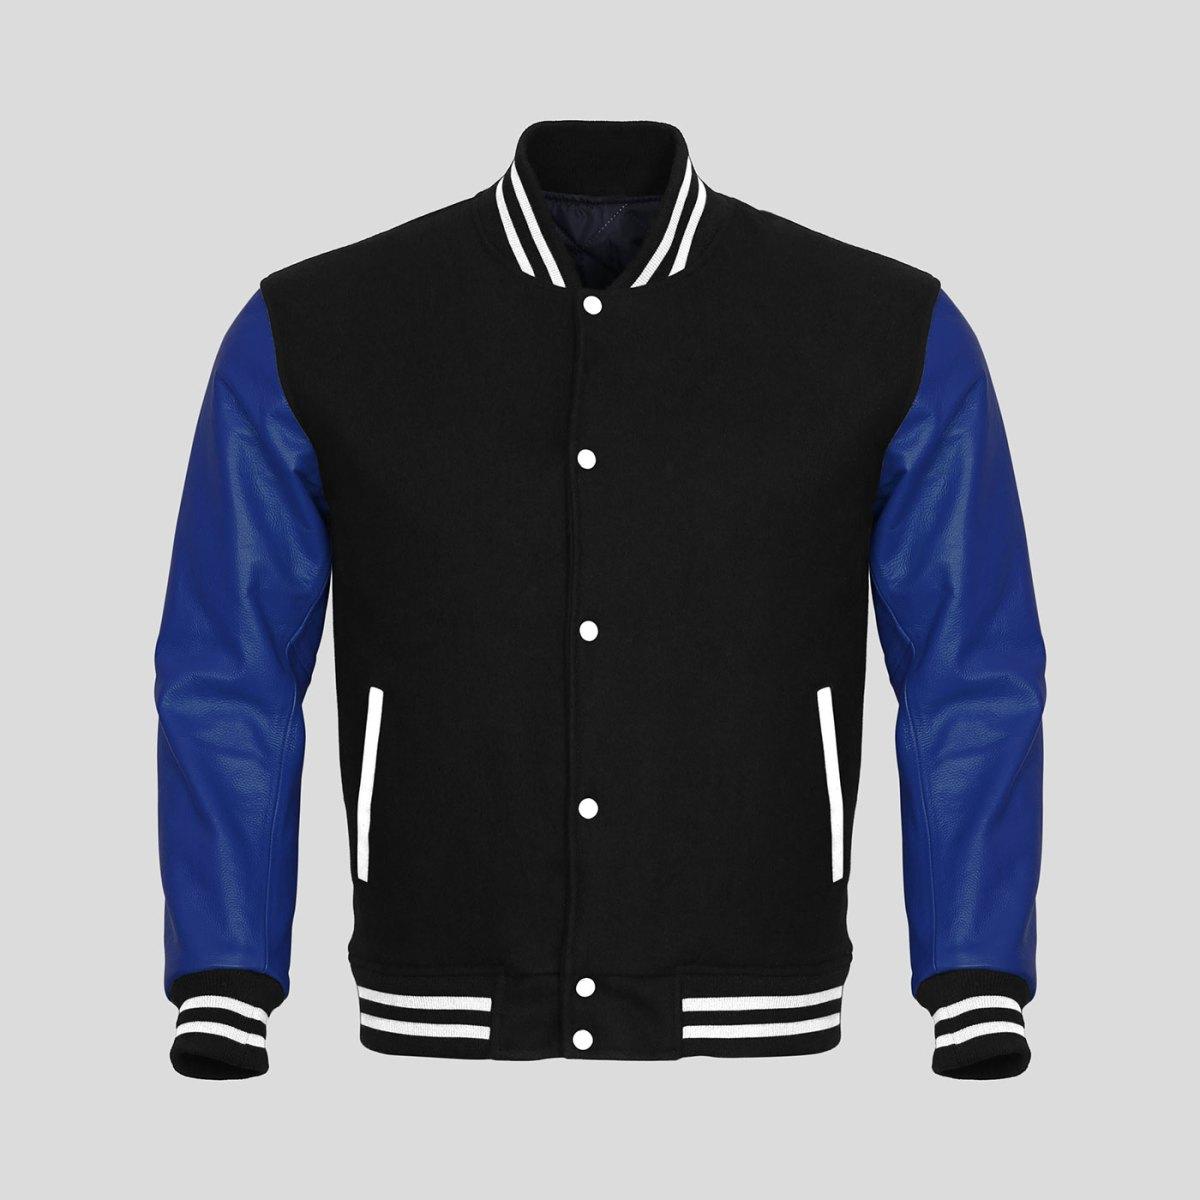 Blue Leather Sleeves Black Wool Varsity Jacket | Clothoo